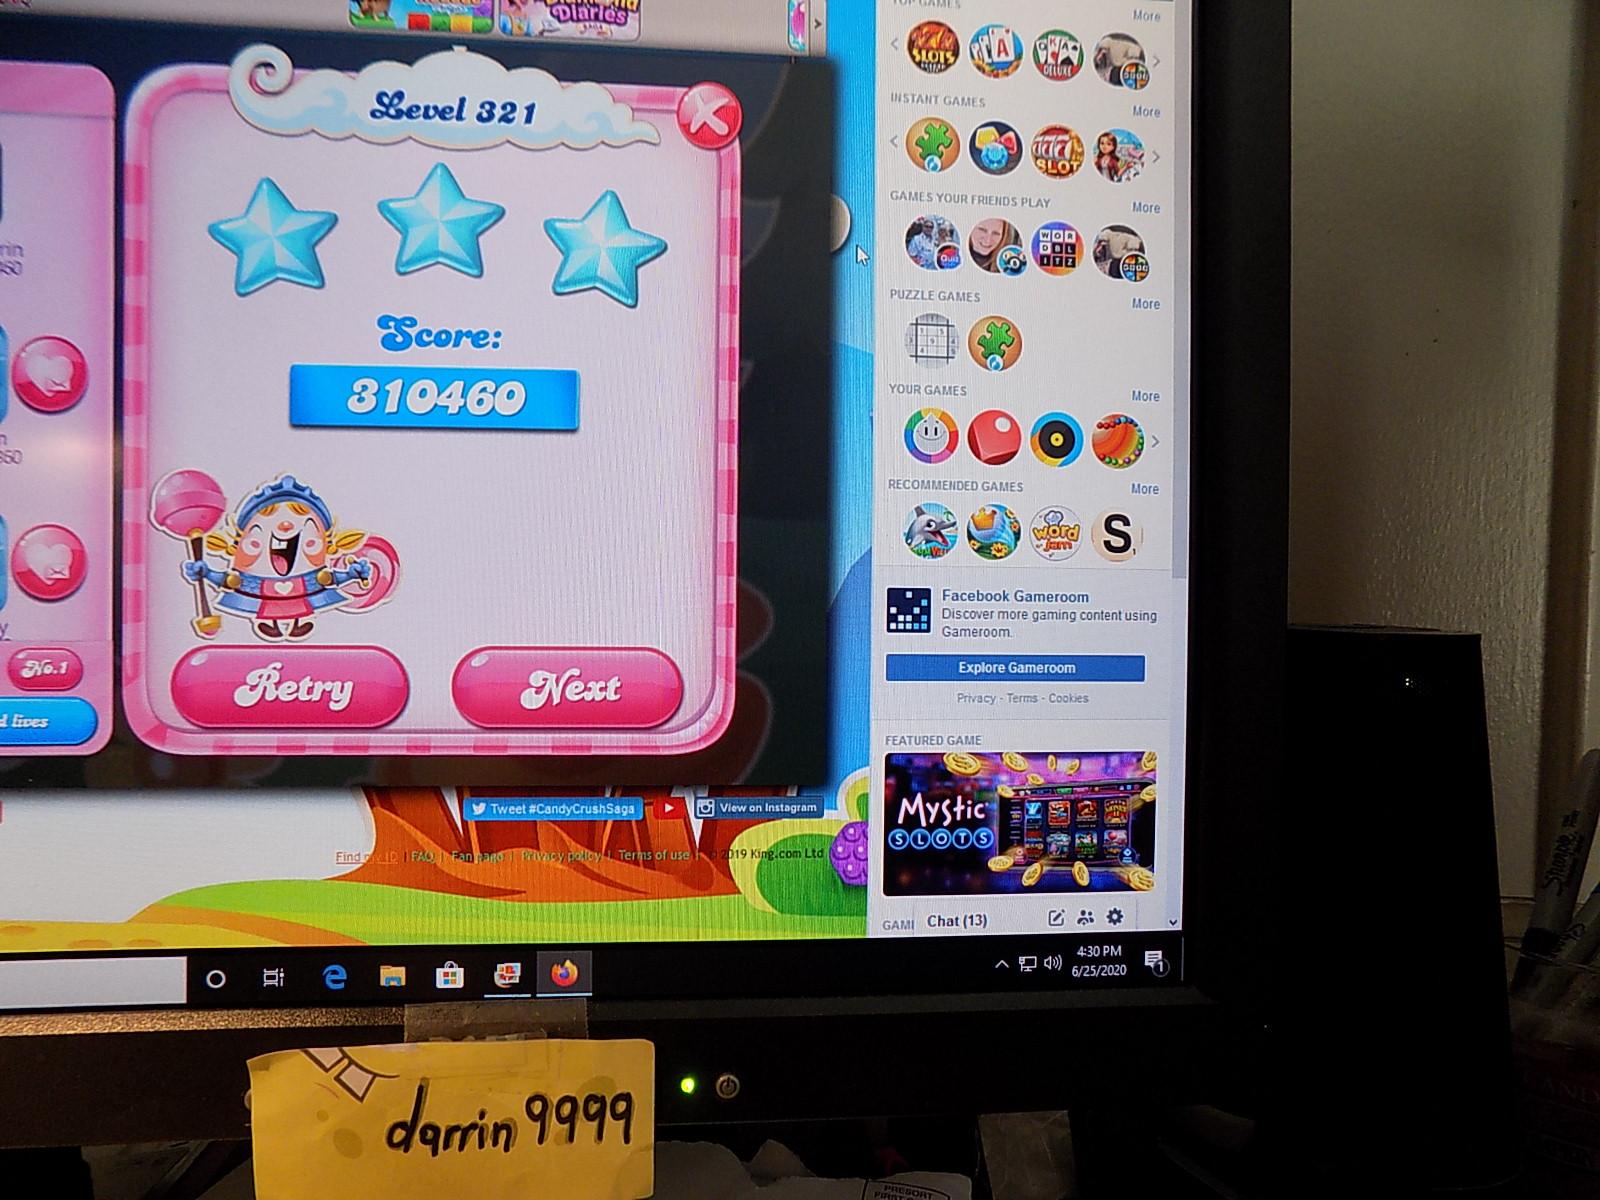 darrin9999: Candy Crush Saga: Level 321 (Web) 310,460 points on 2020-08-02 16:29:40